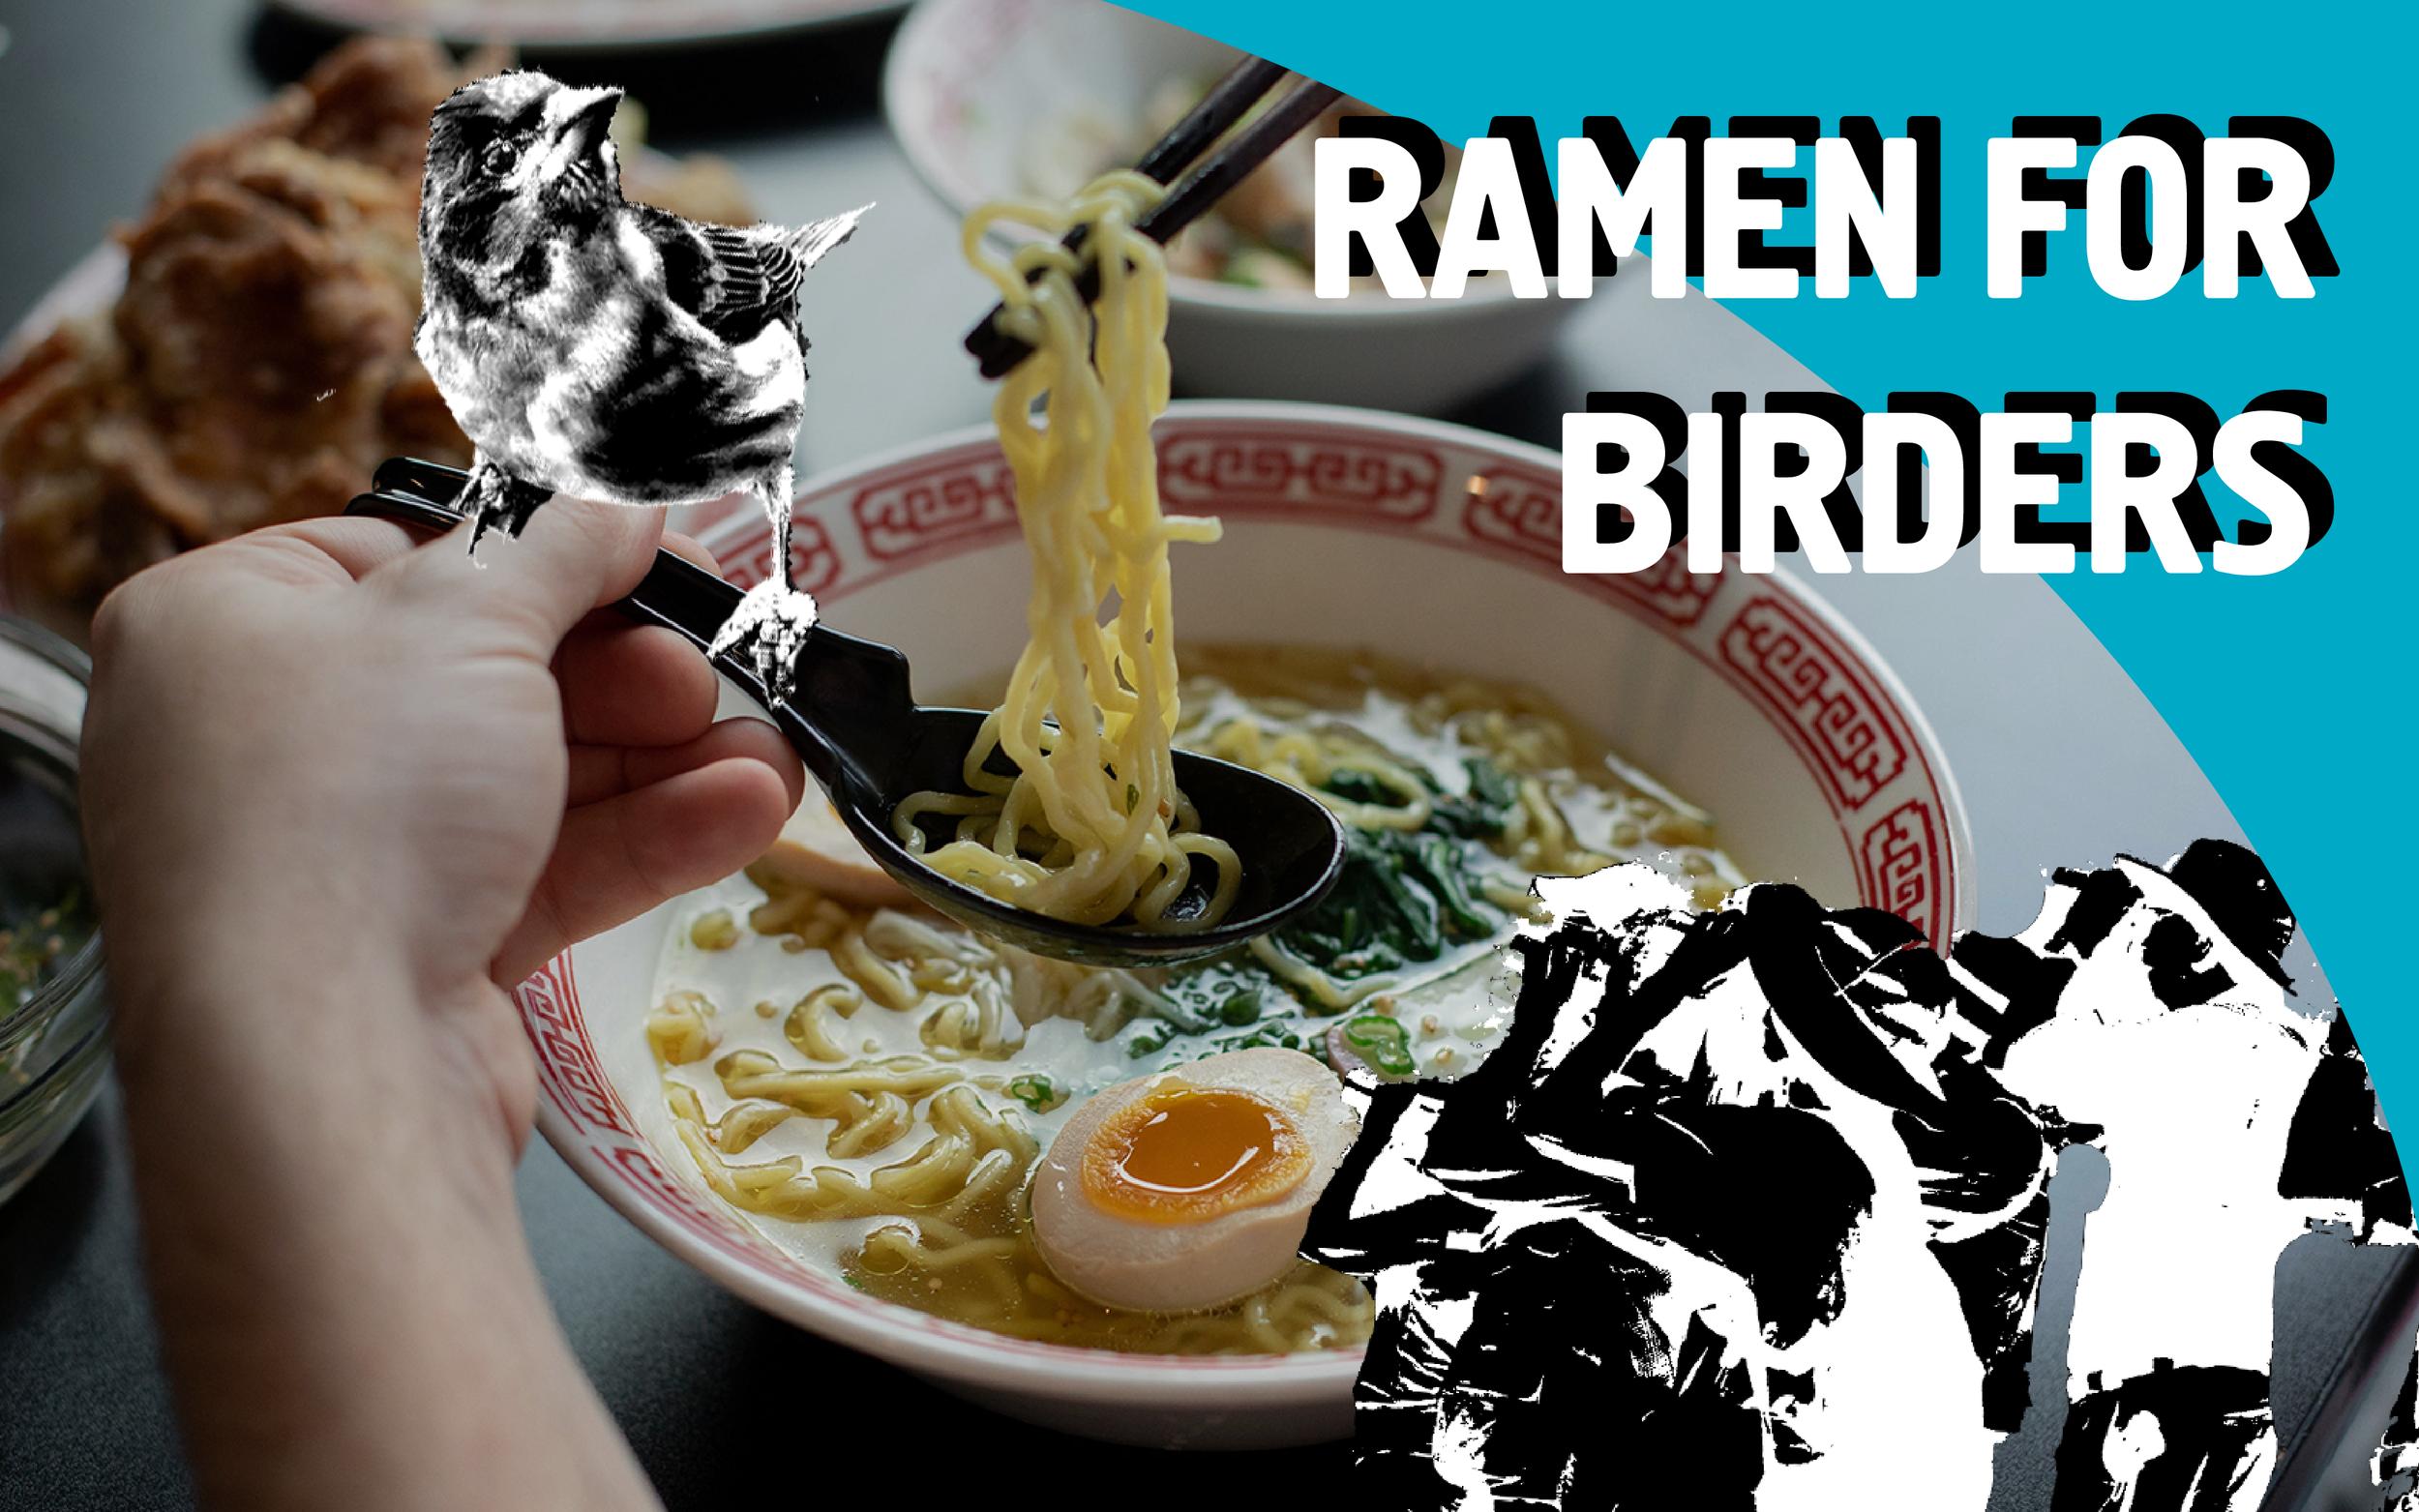 ramen for birders poster 3c.png